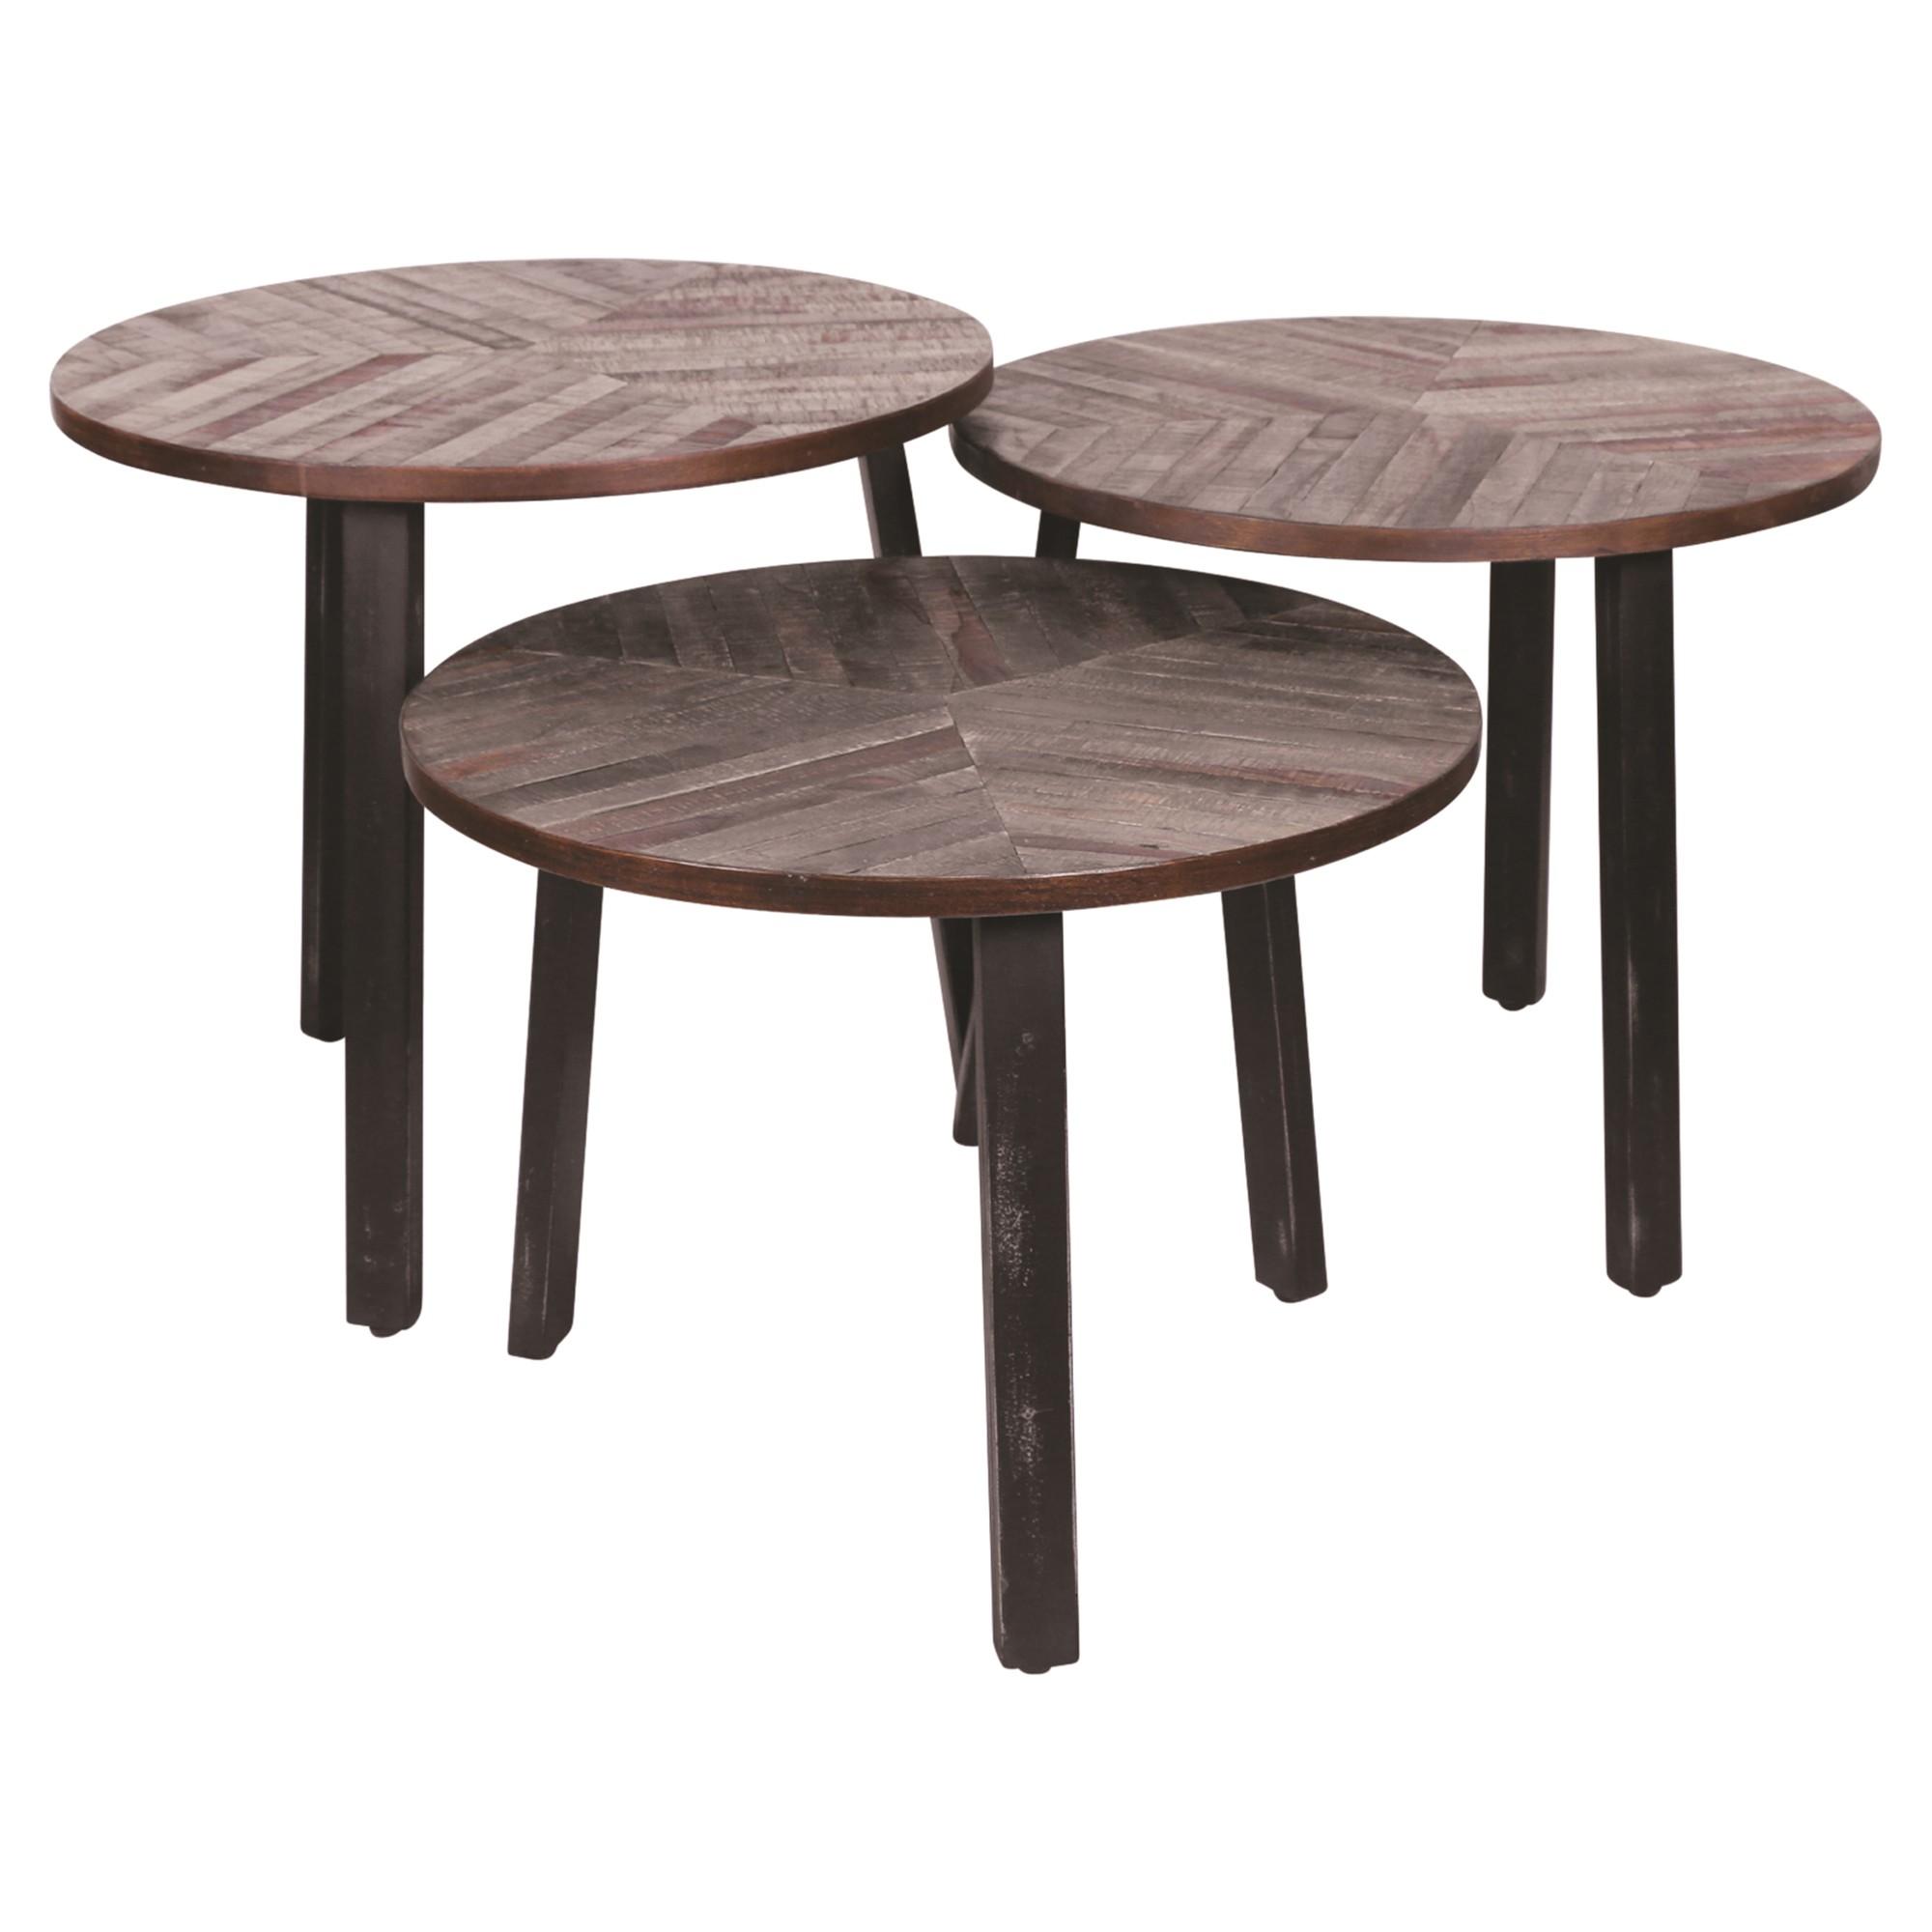 Lex   Lux Furniture Rentals